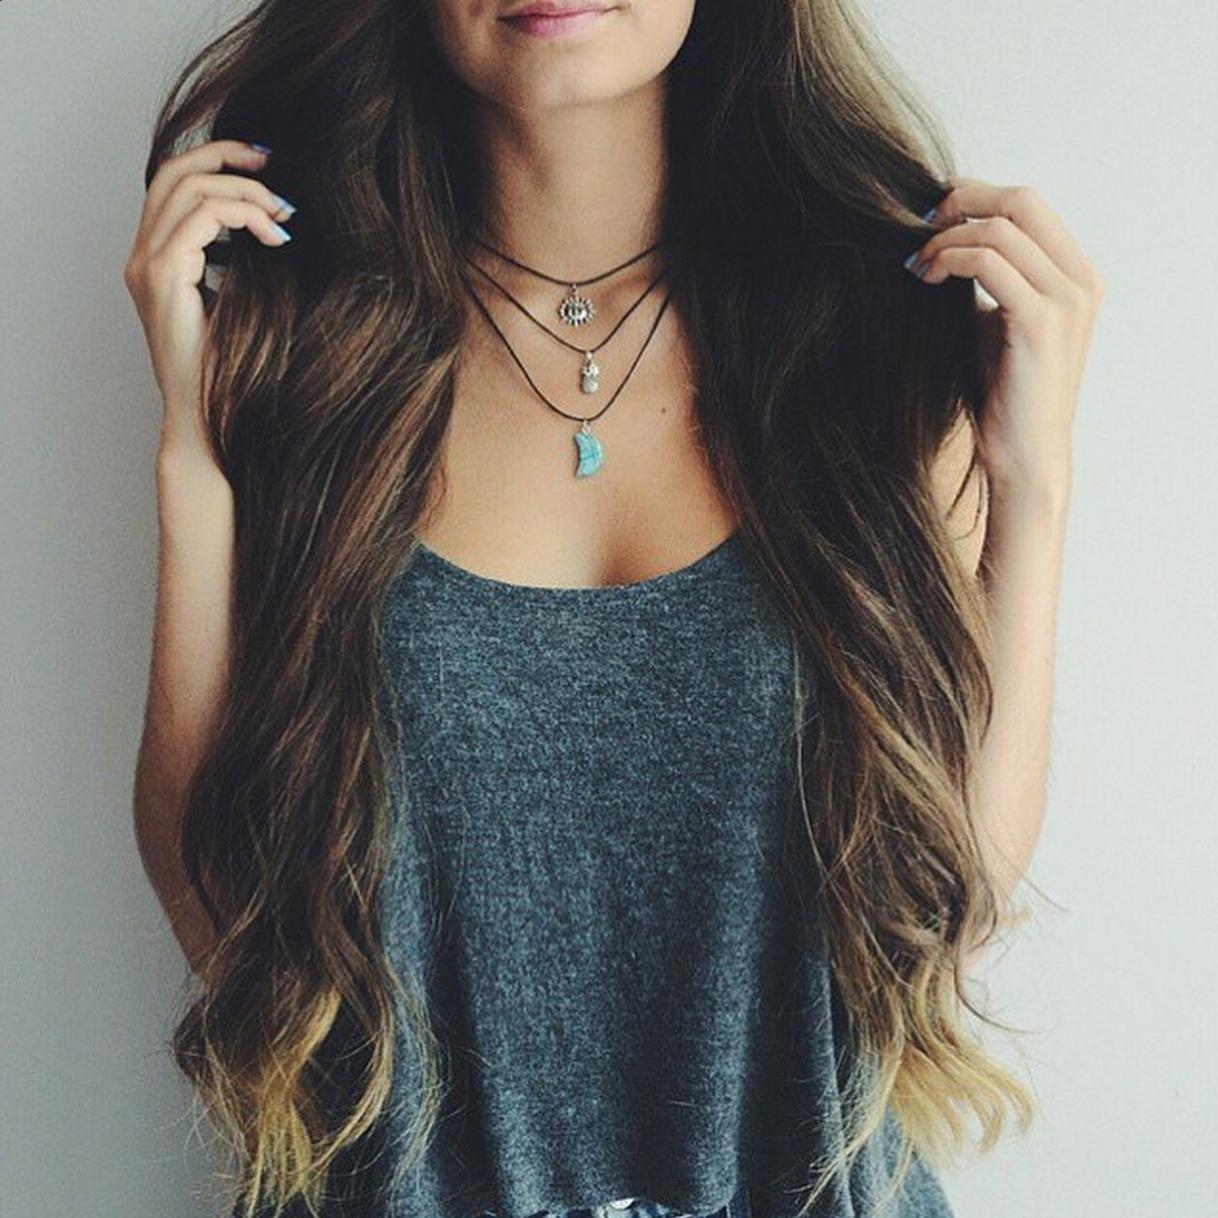 Фото красивых девушек с длинными волосами 11 фотография